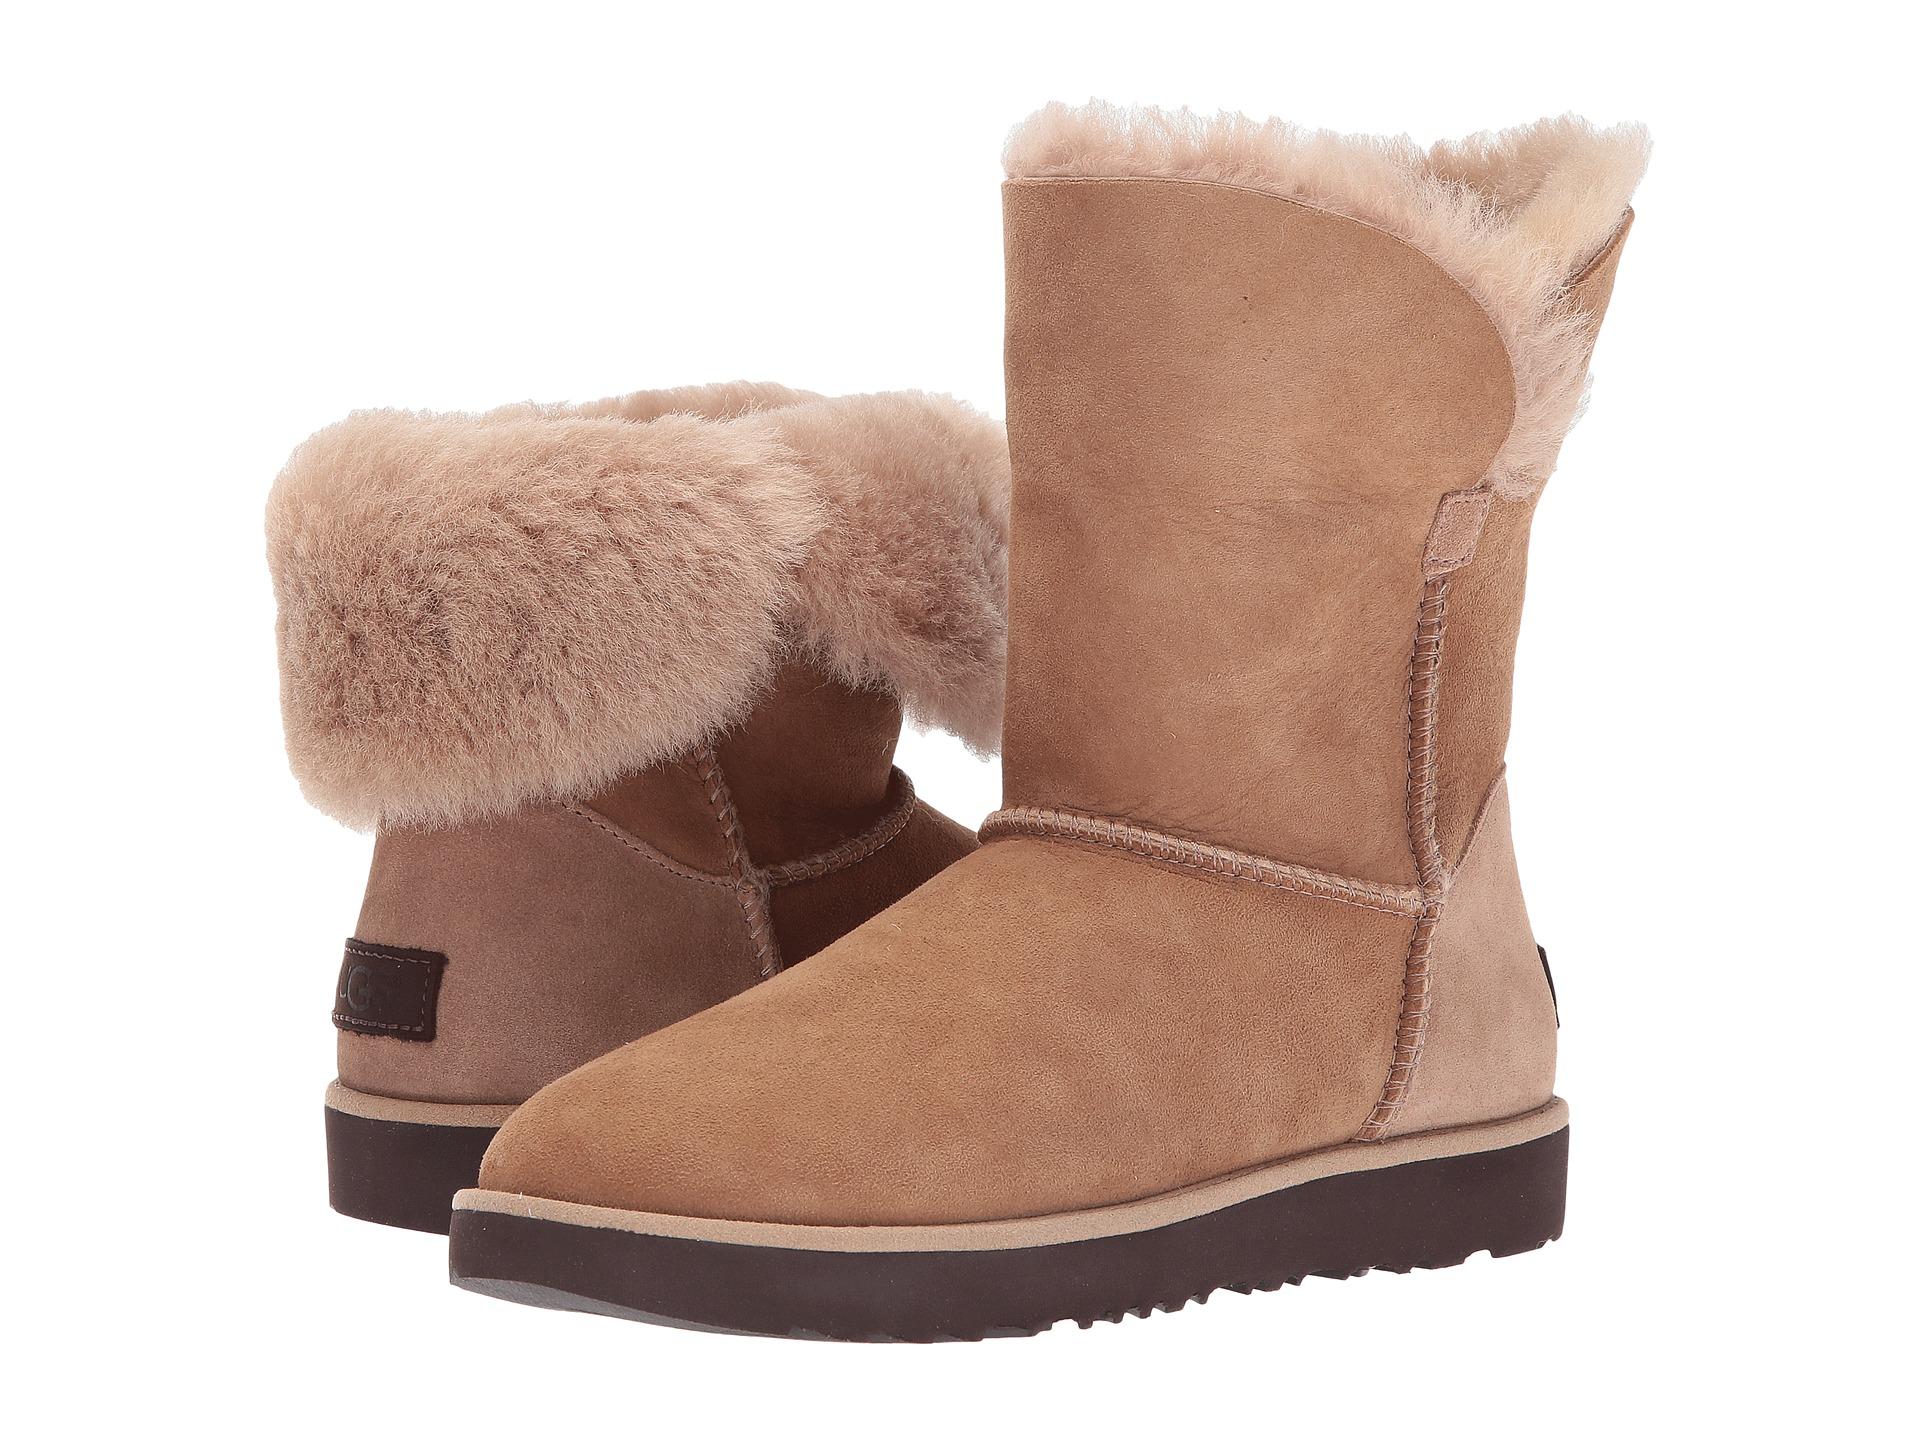 ugg sheepskin cuff boots on sale